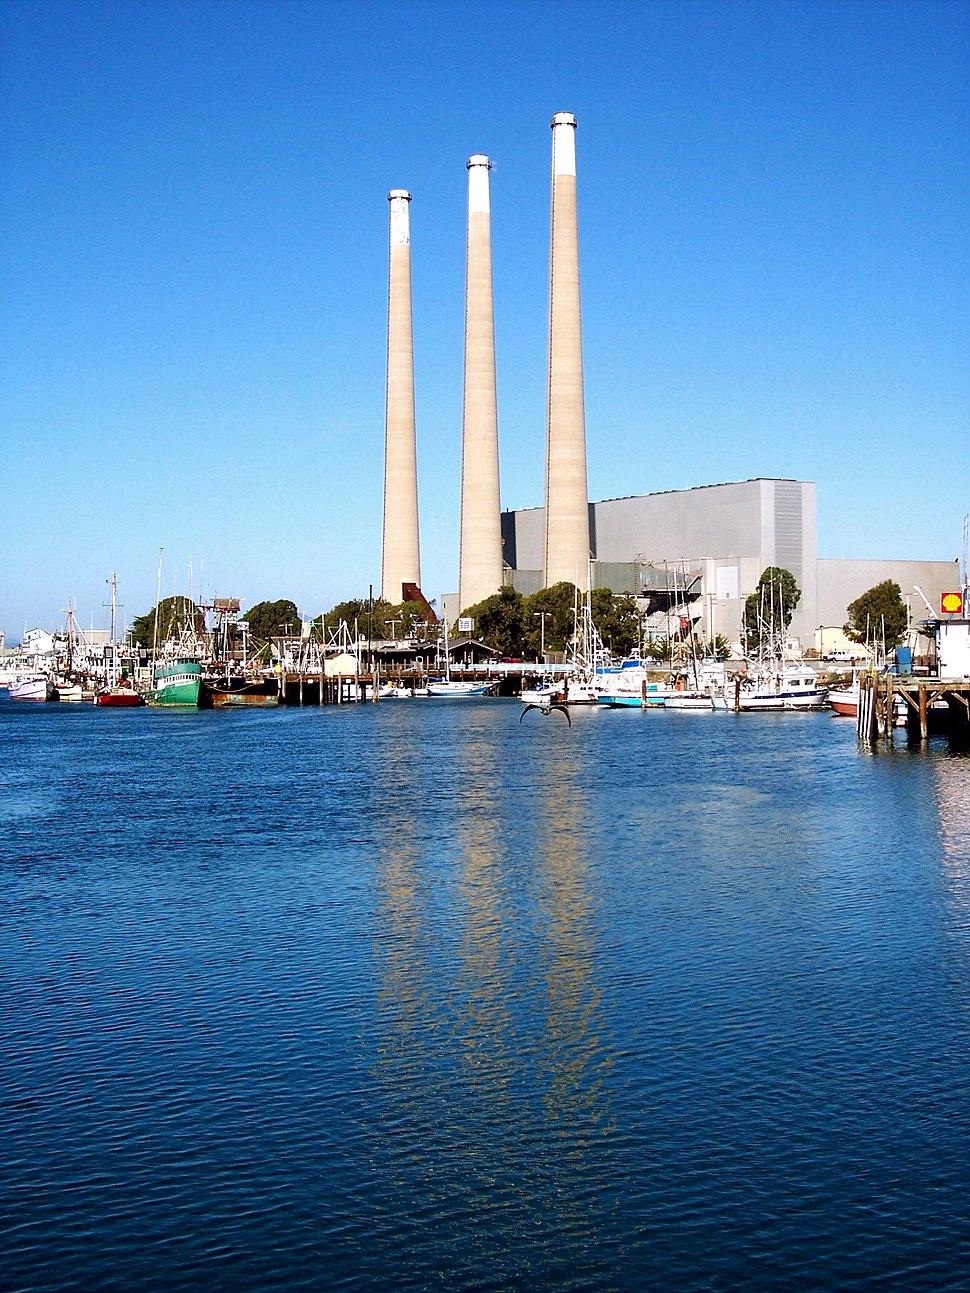 Dynegy Power Plant, Morro Bay, CA, 1 January, 2009